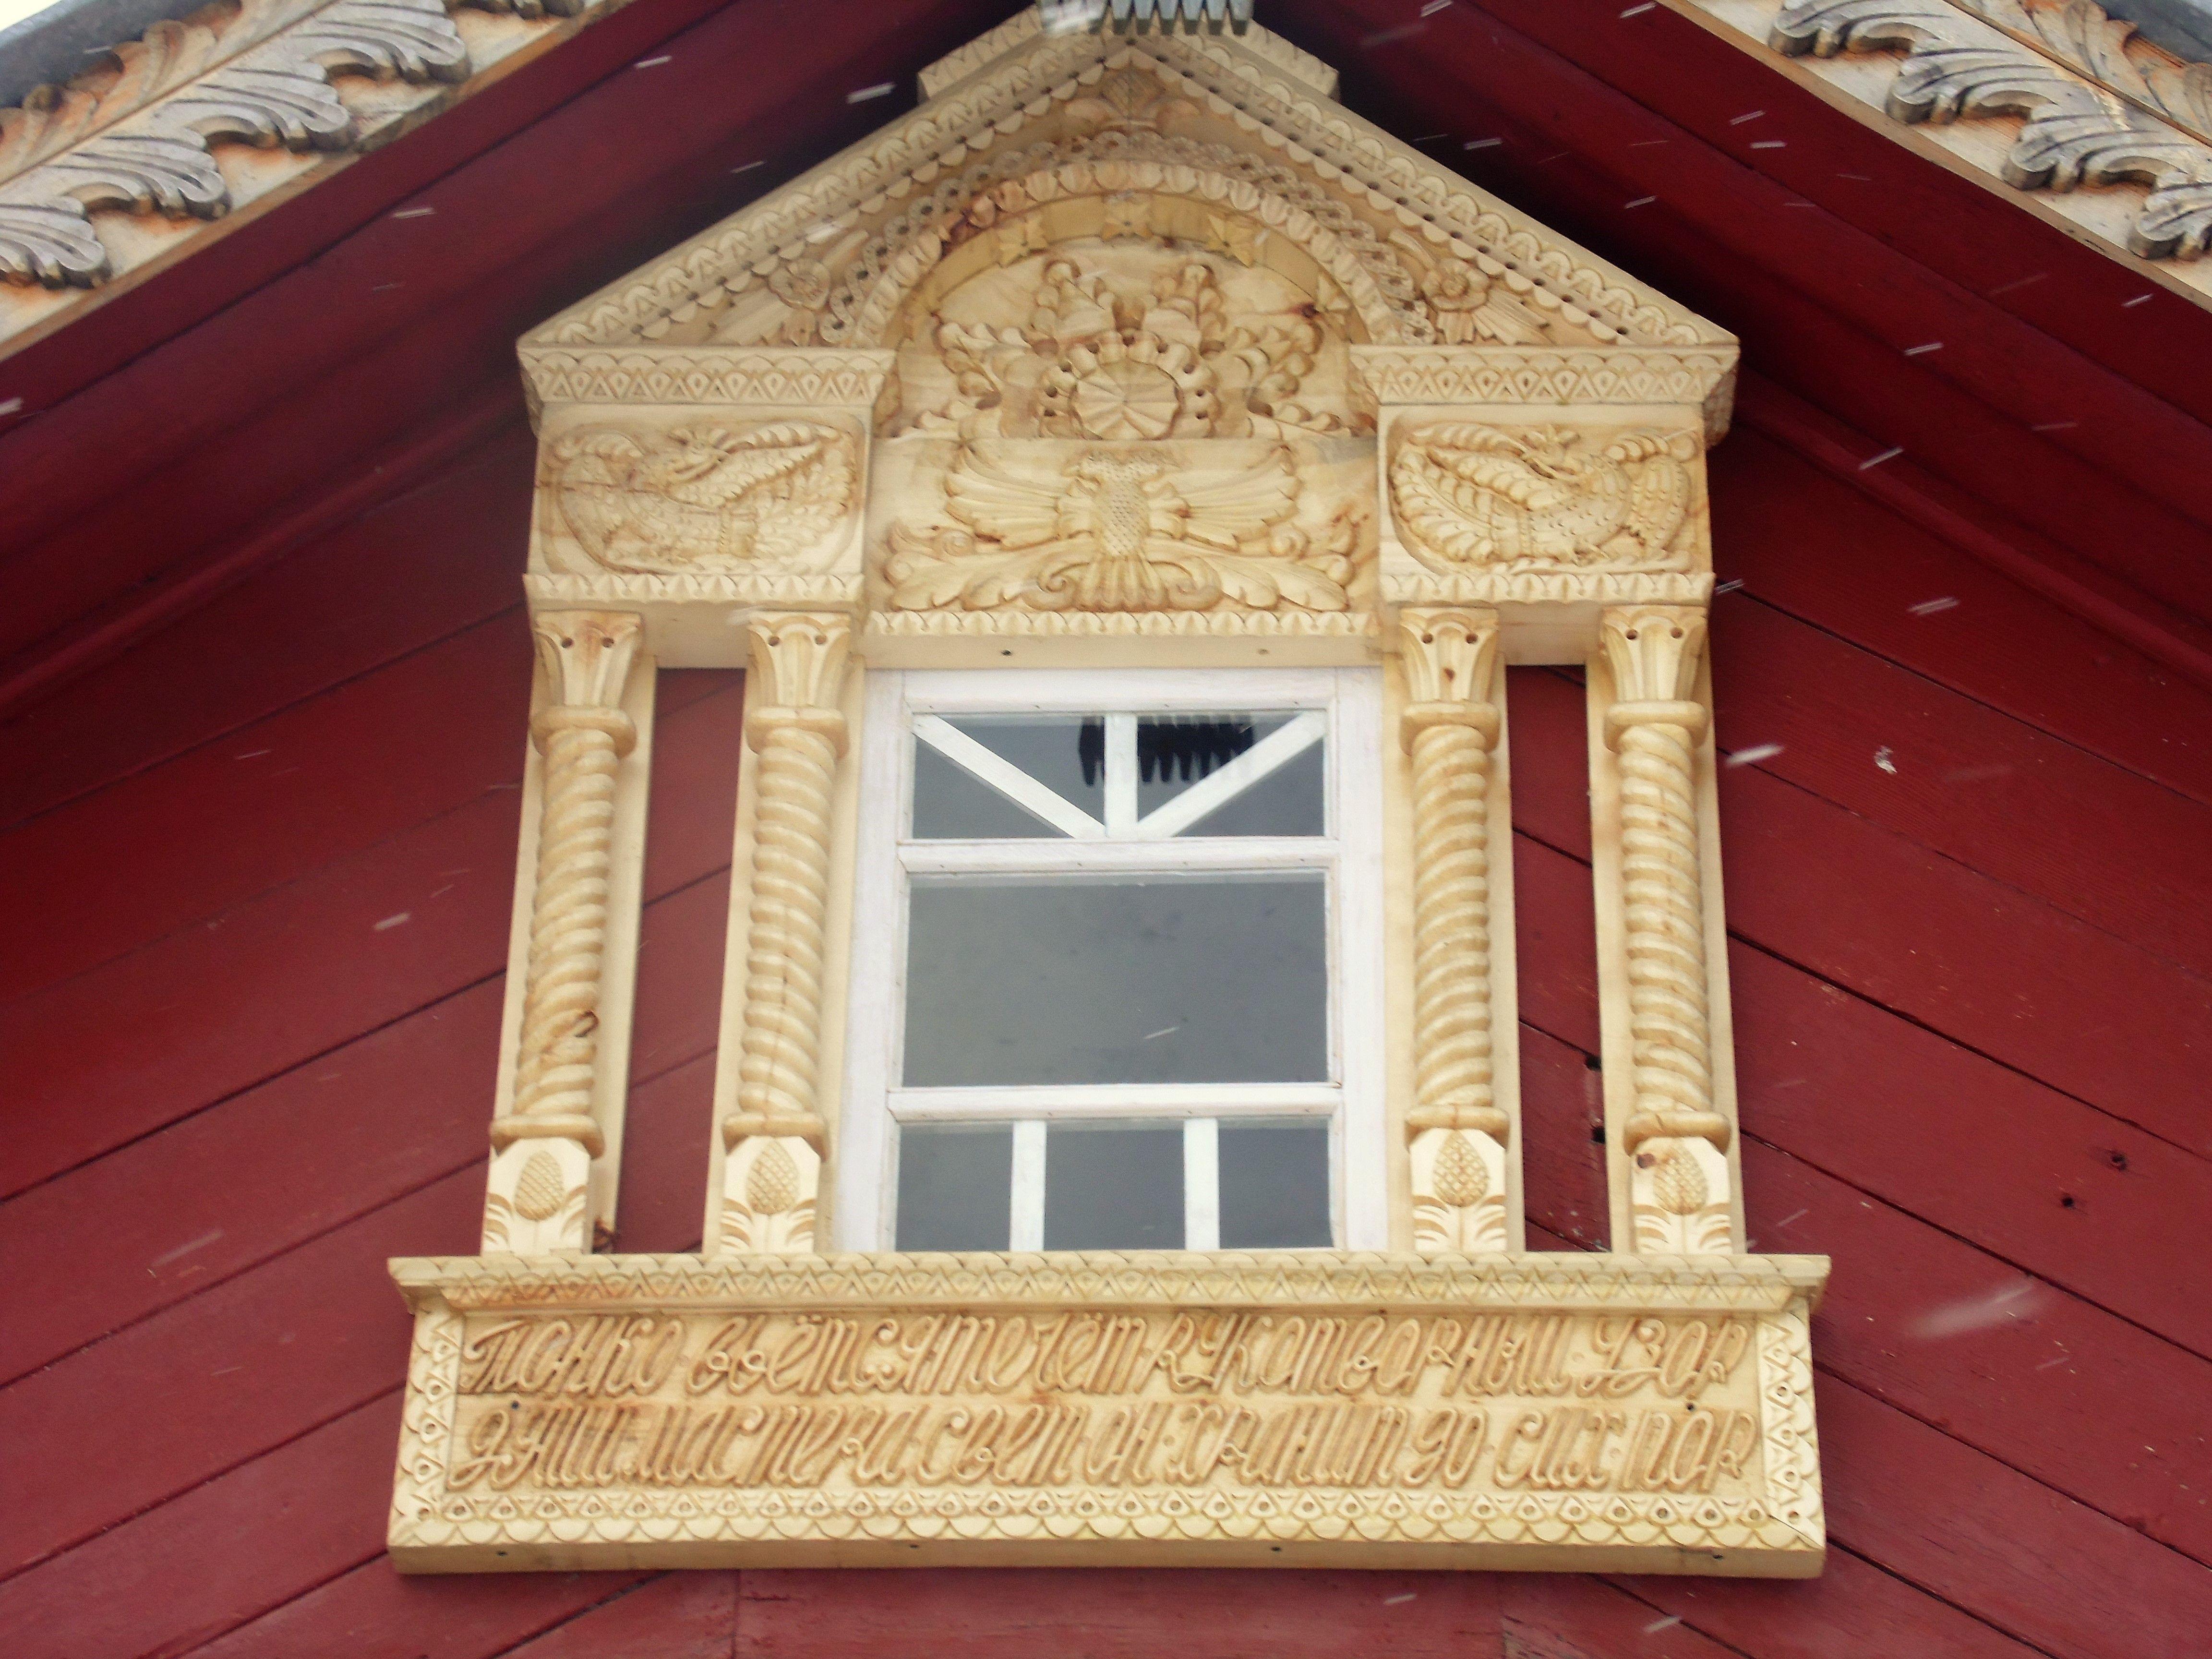 итоге, фронтоны деревянные картинки другой